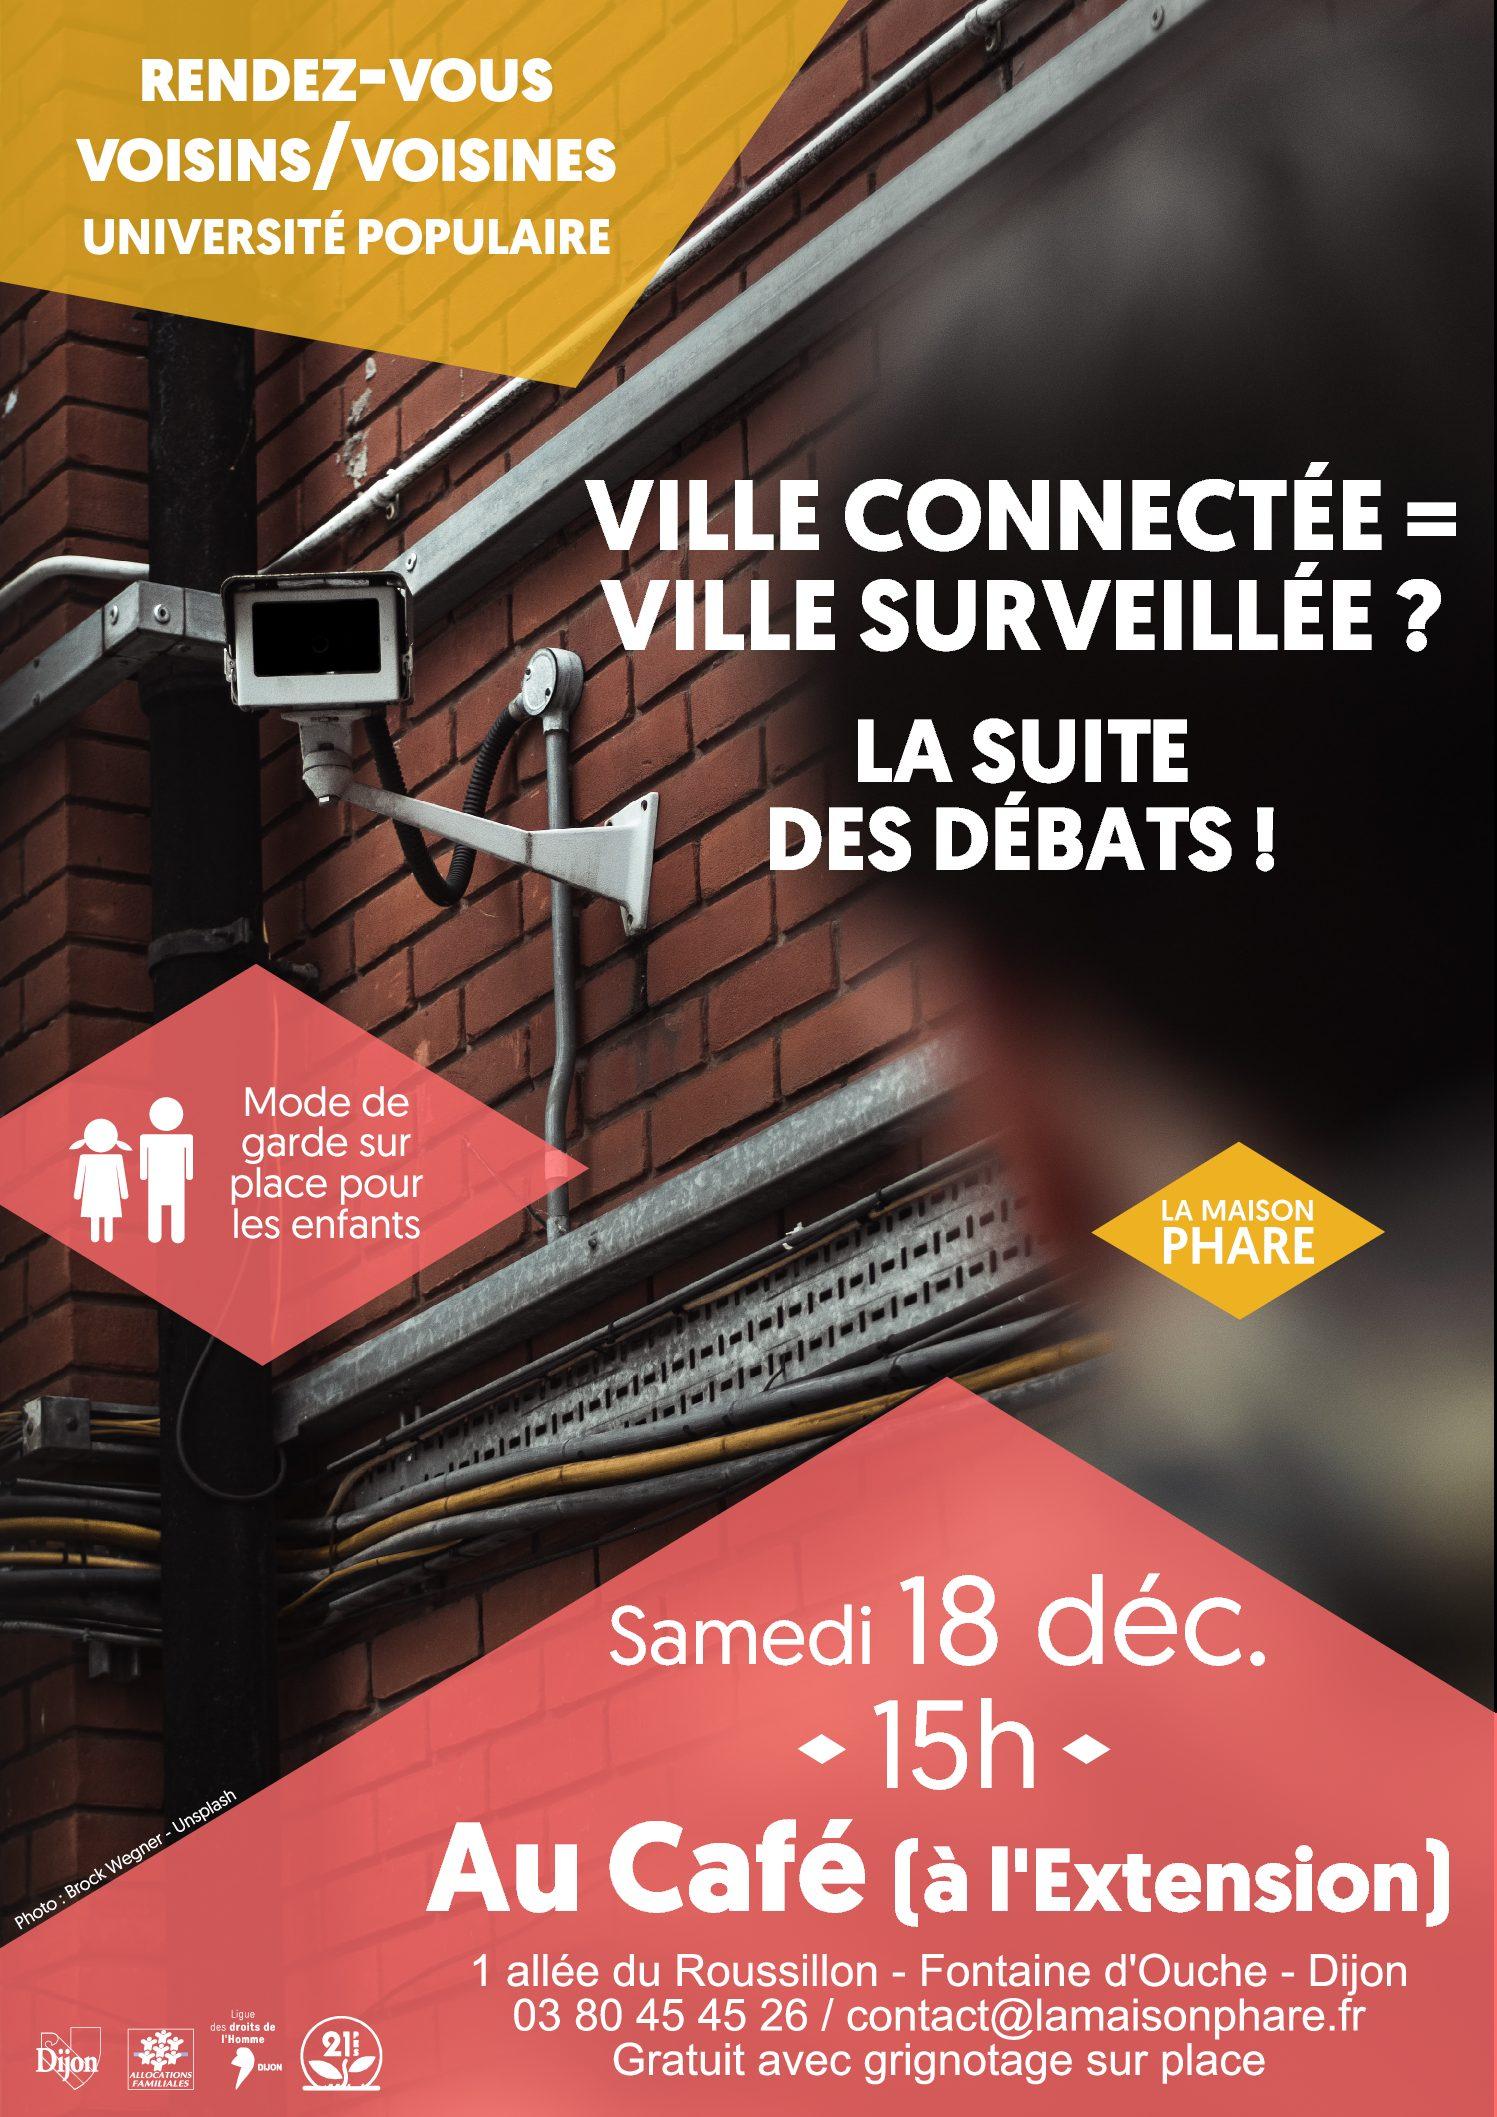 Rendez-vous Voisins/Voisines (Université Populaire) : ville connectée = ville surveillée ? La suite !